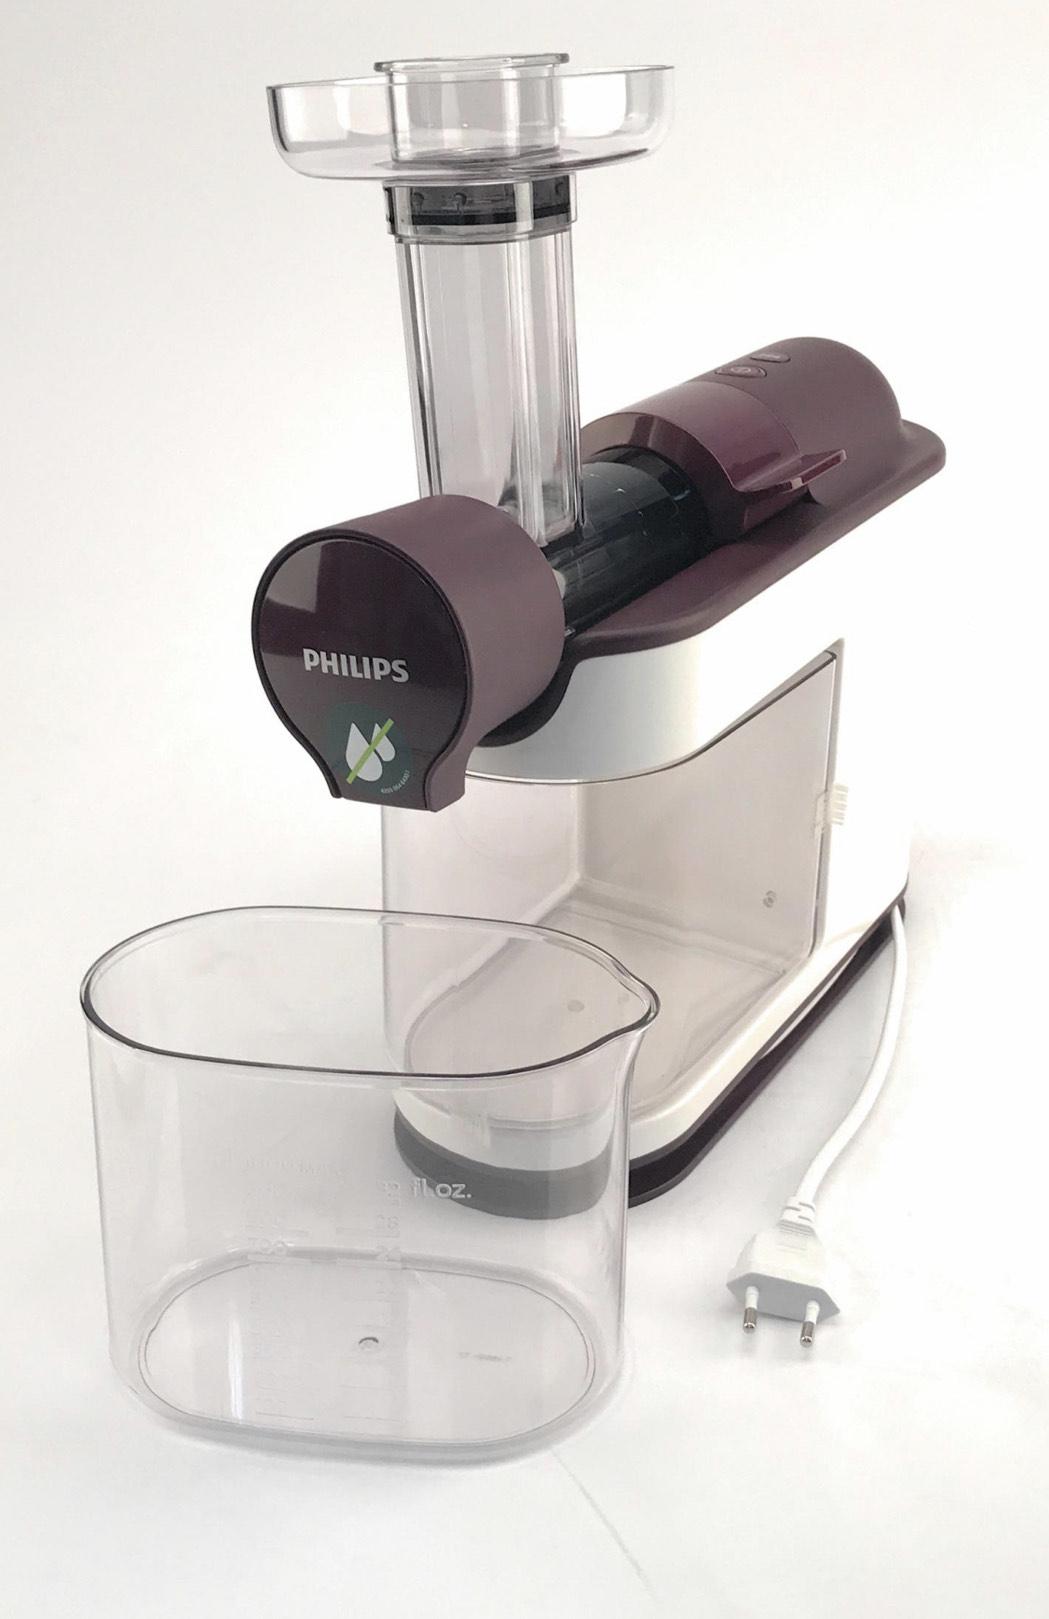 Philips Avance HR1891/80 Entsafter Slow Juicer 200 W Saftpresse weiß/lila